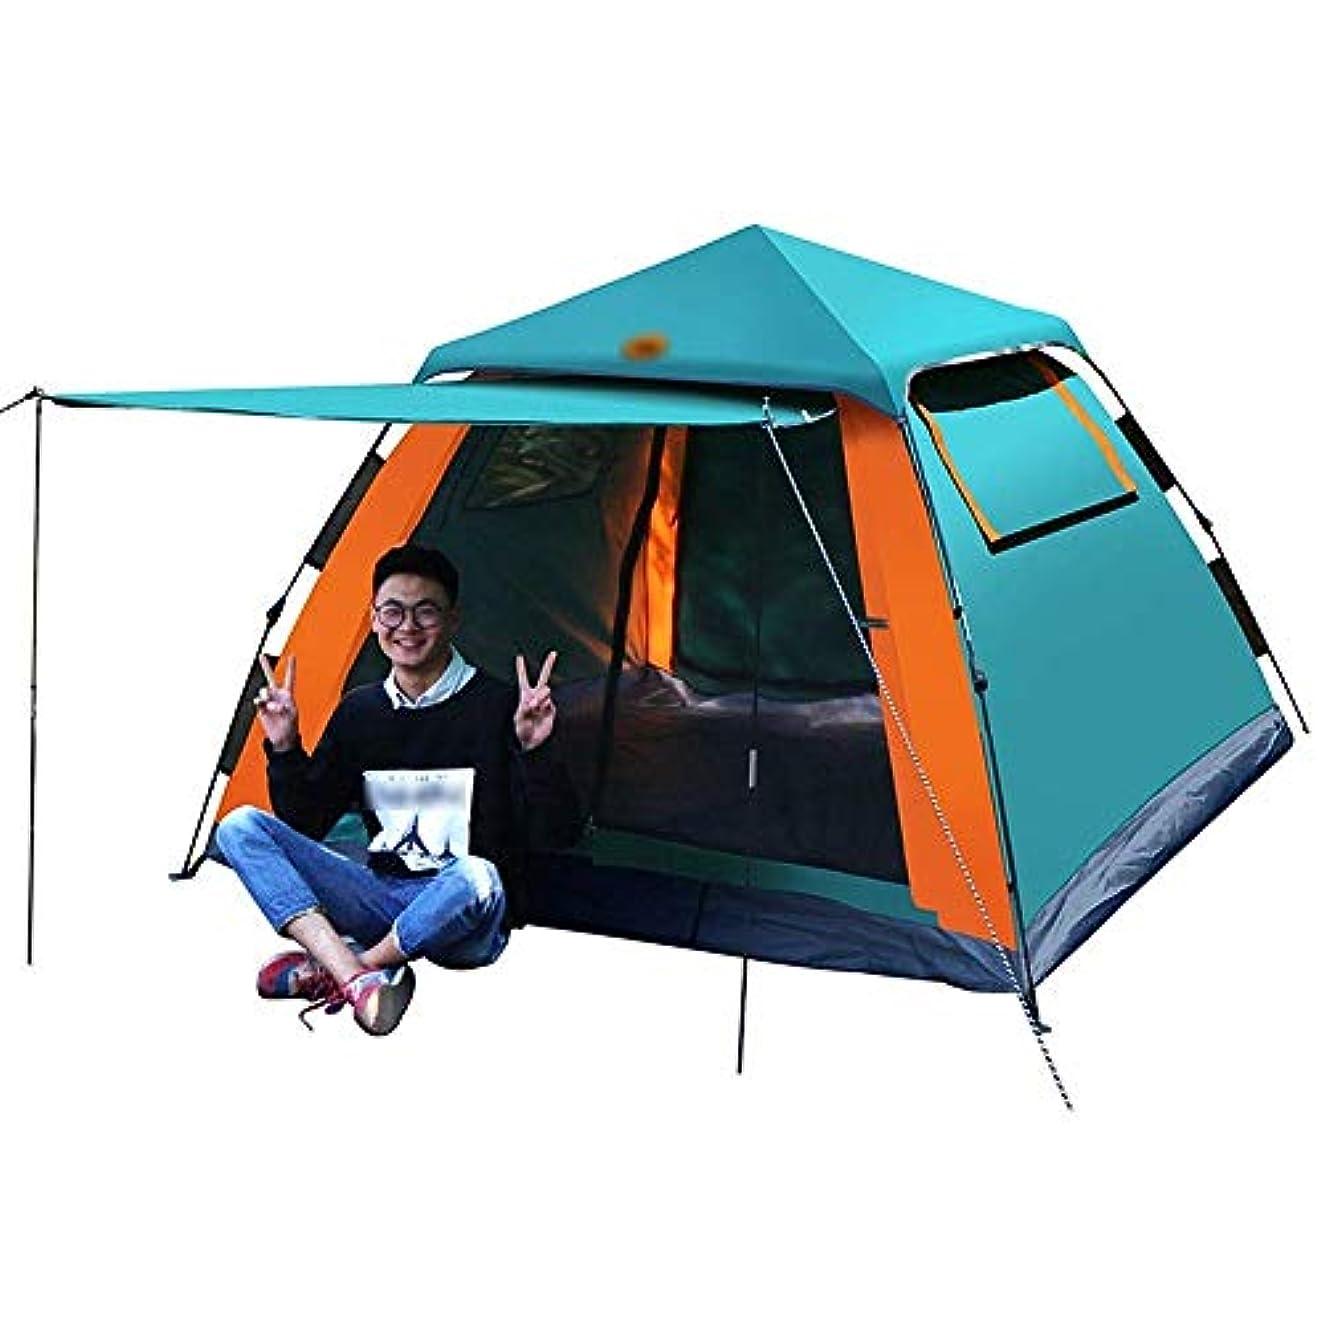 乞食統治する偽造LJMYP キャンプ用テントバックパック用テントキャンプ用ギアテントキャンプ用テントキャンプ用テント用屋外キャノピーガゼボ、自動スピードオープンテント防風性と防雨性スピードオープンテントで簡単セットアップ